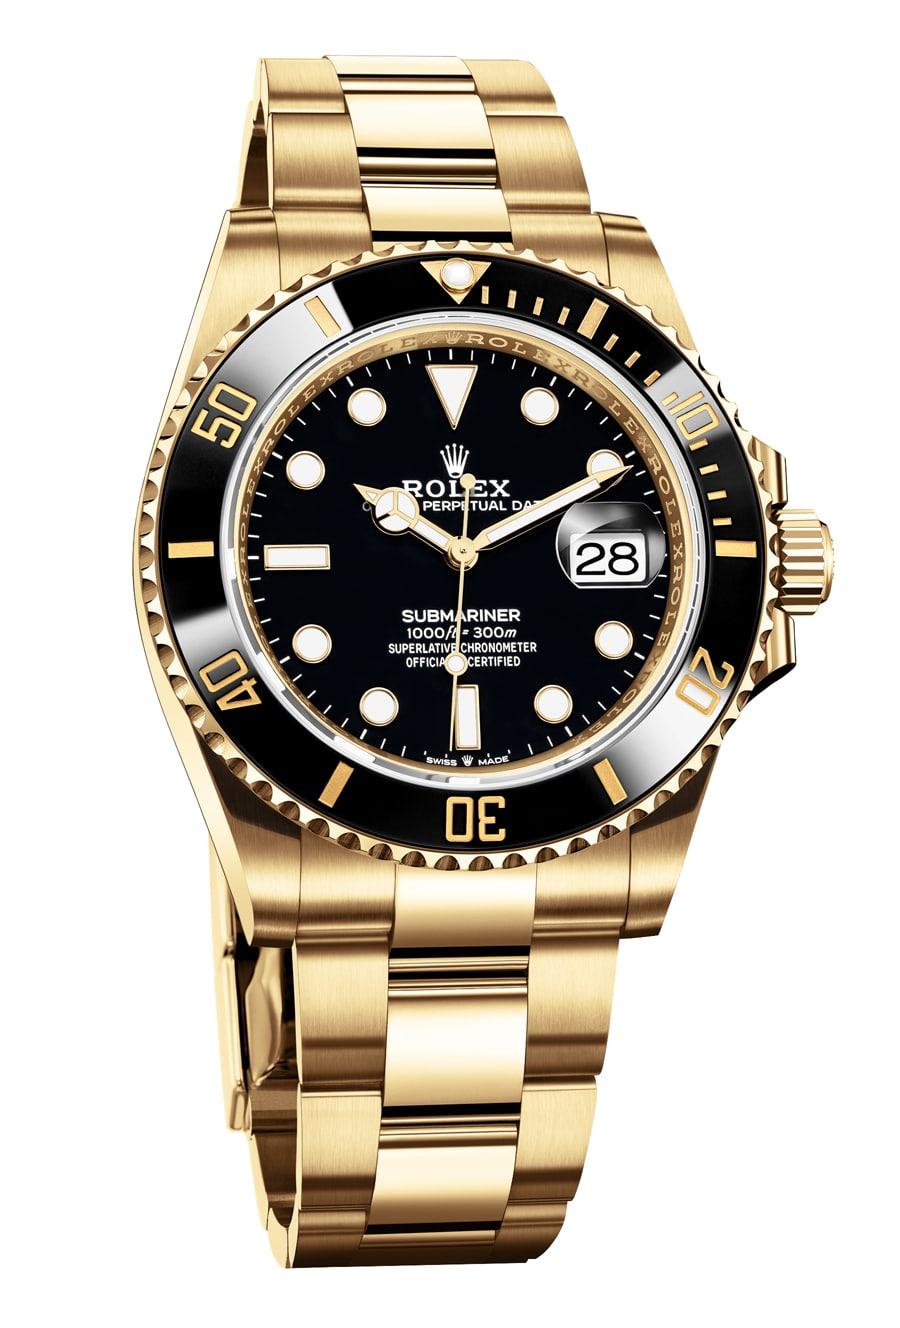 Rolex: Oyster Perpetual Submariner Date, Gelbgold, schwarzes Zifferblatt, Referenz 126618LN